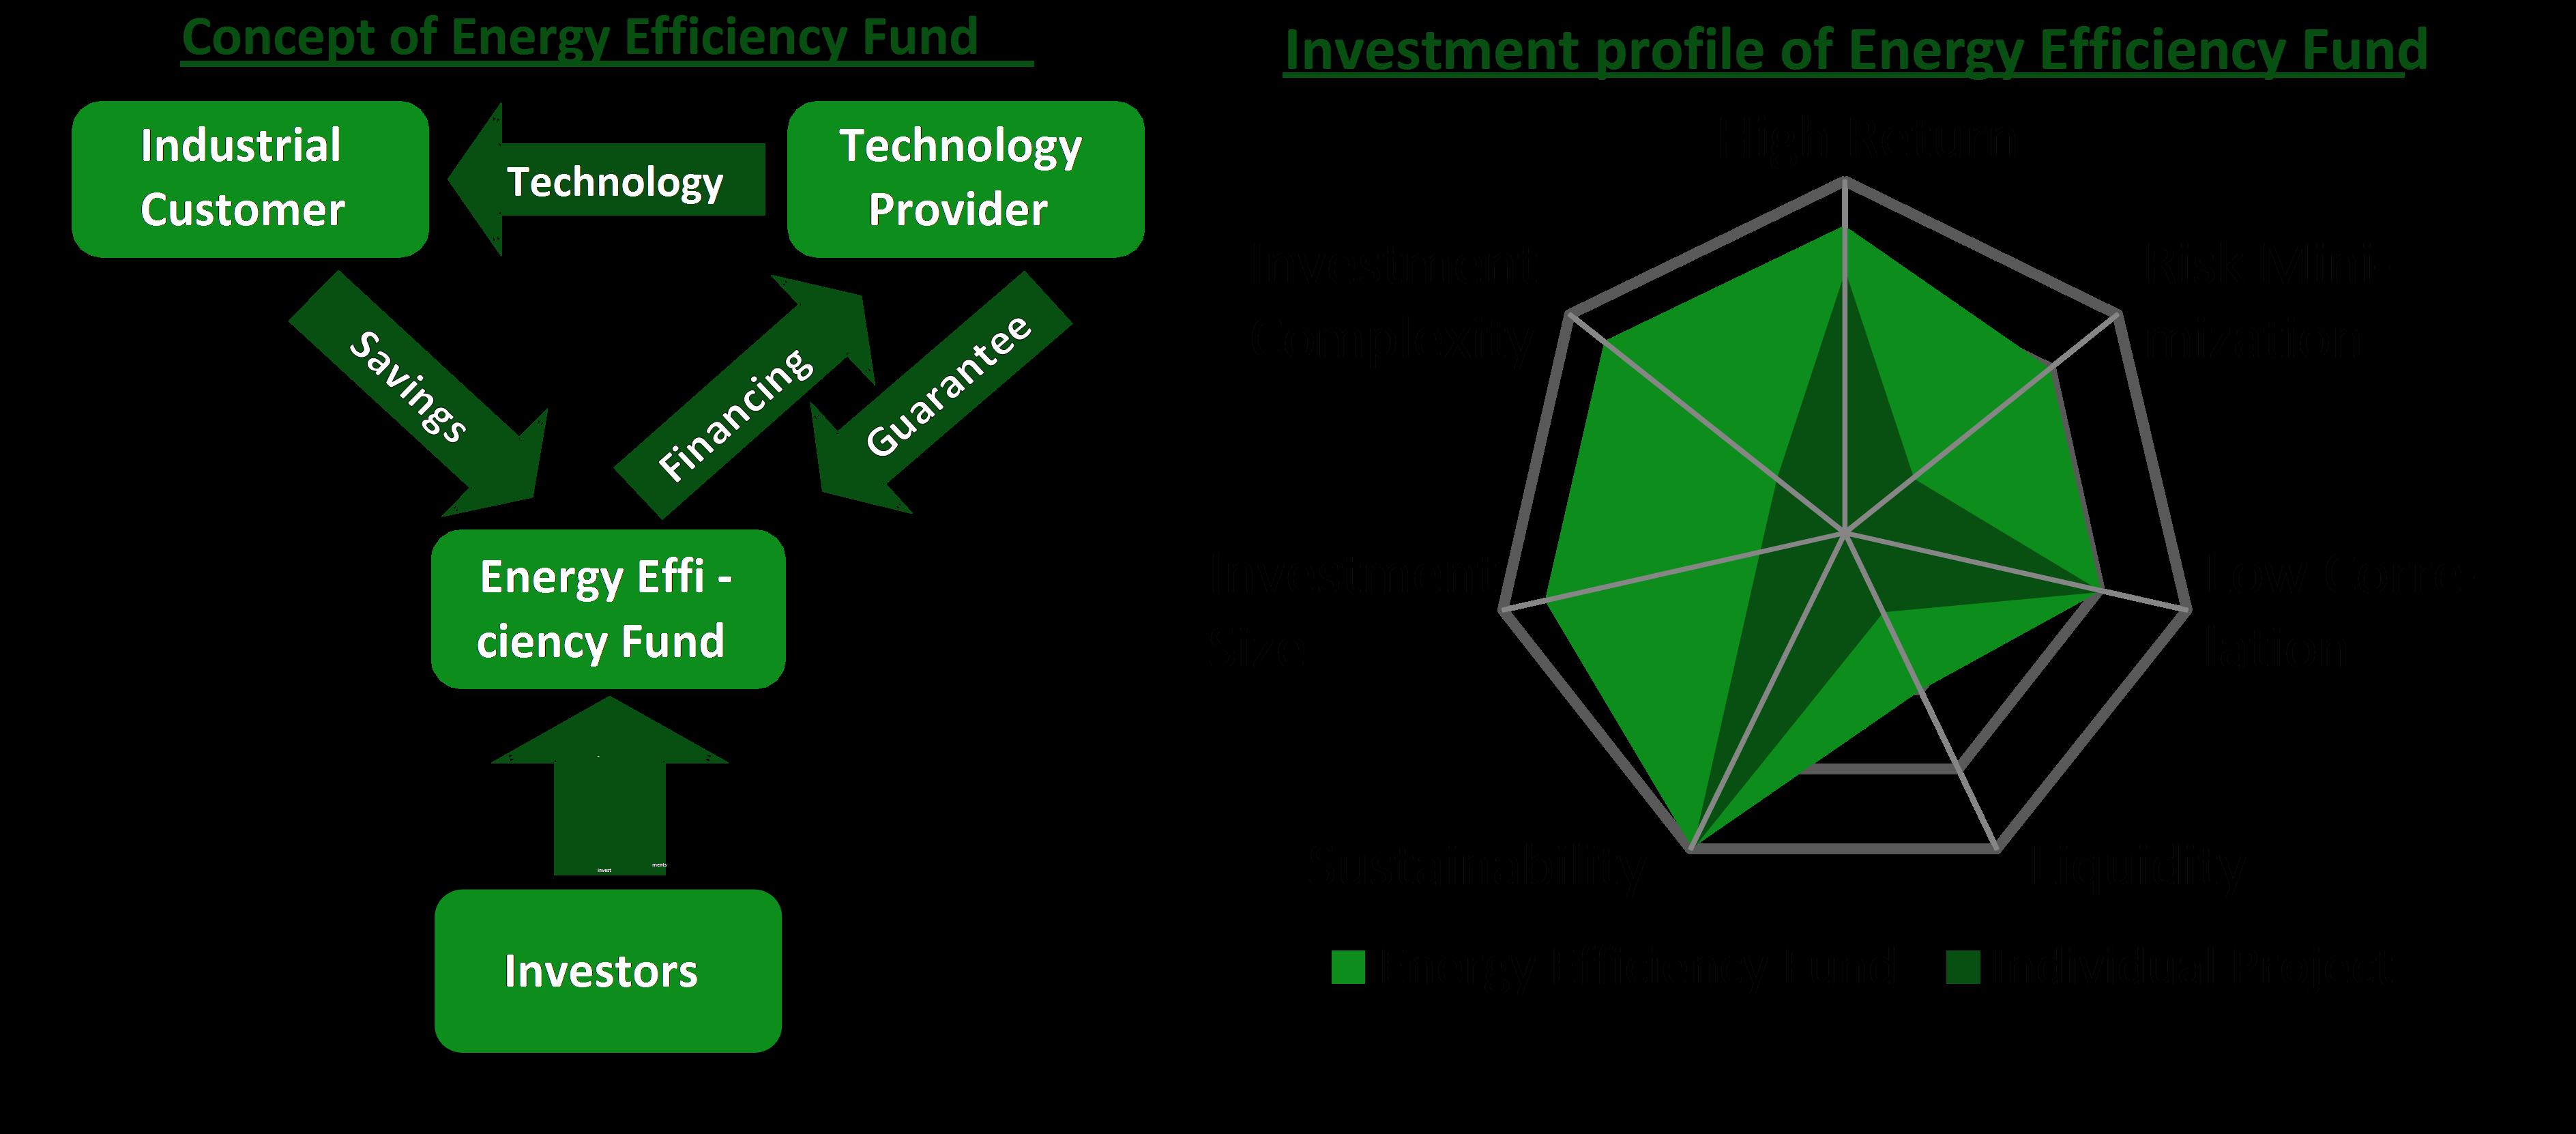 Konzept eines Energieeffizienz-Fonds, Quelle: EEIP